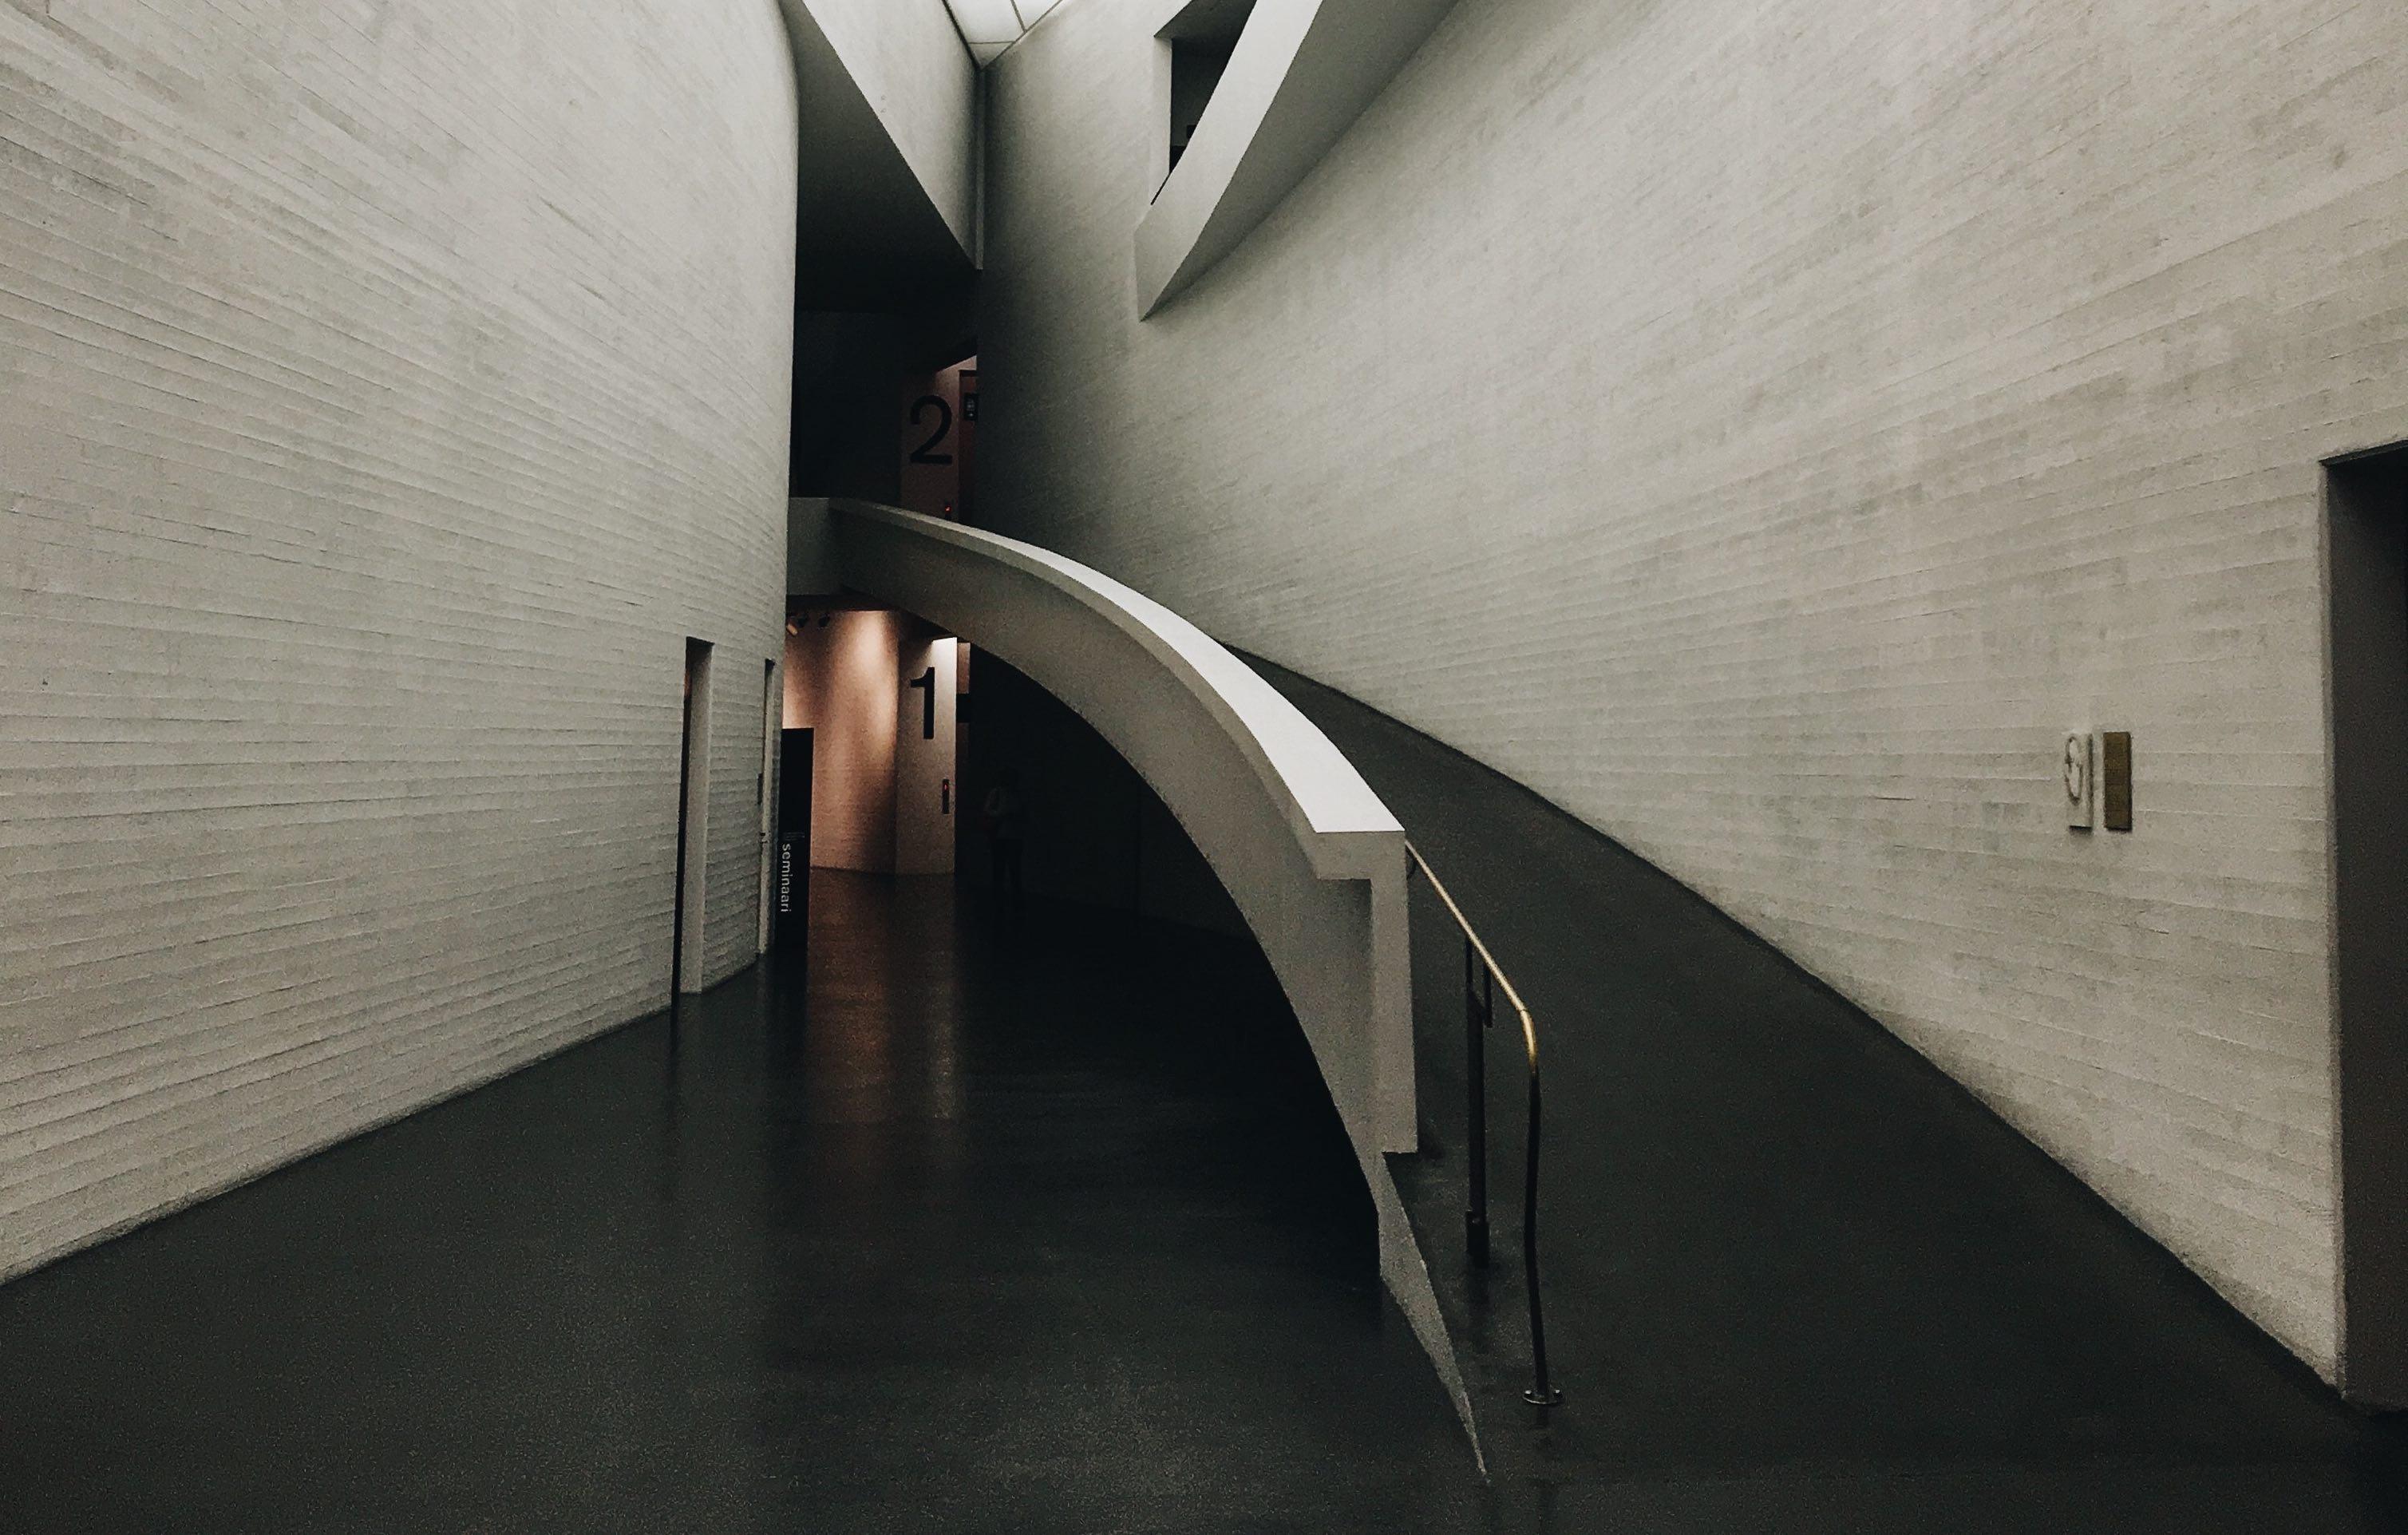 Billede indefra Kiasama Museum i Finland.